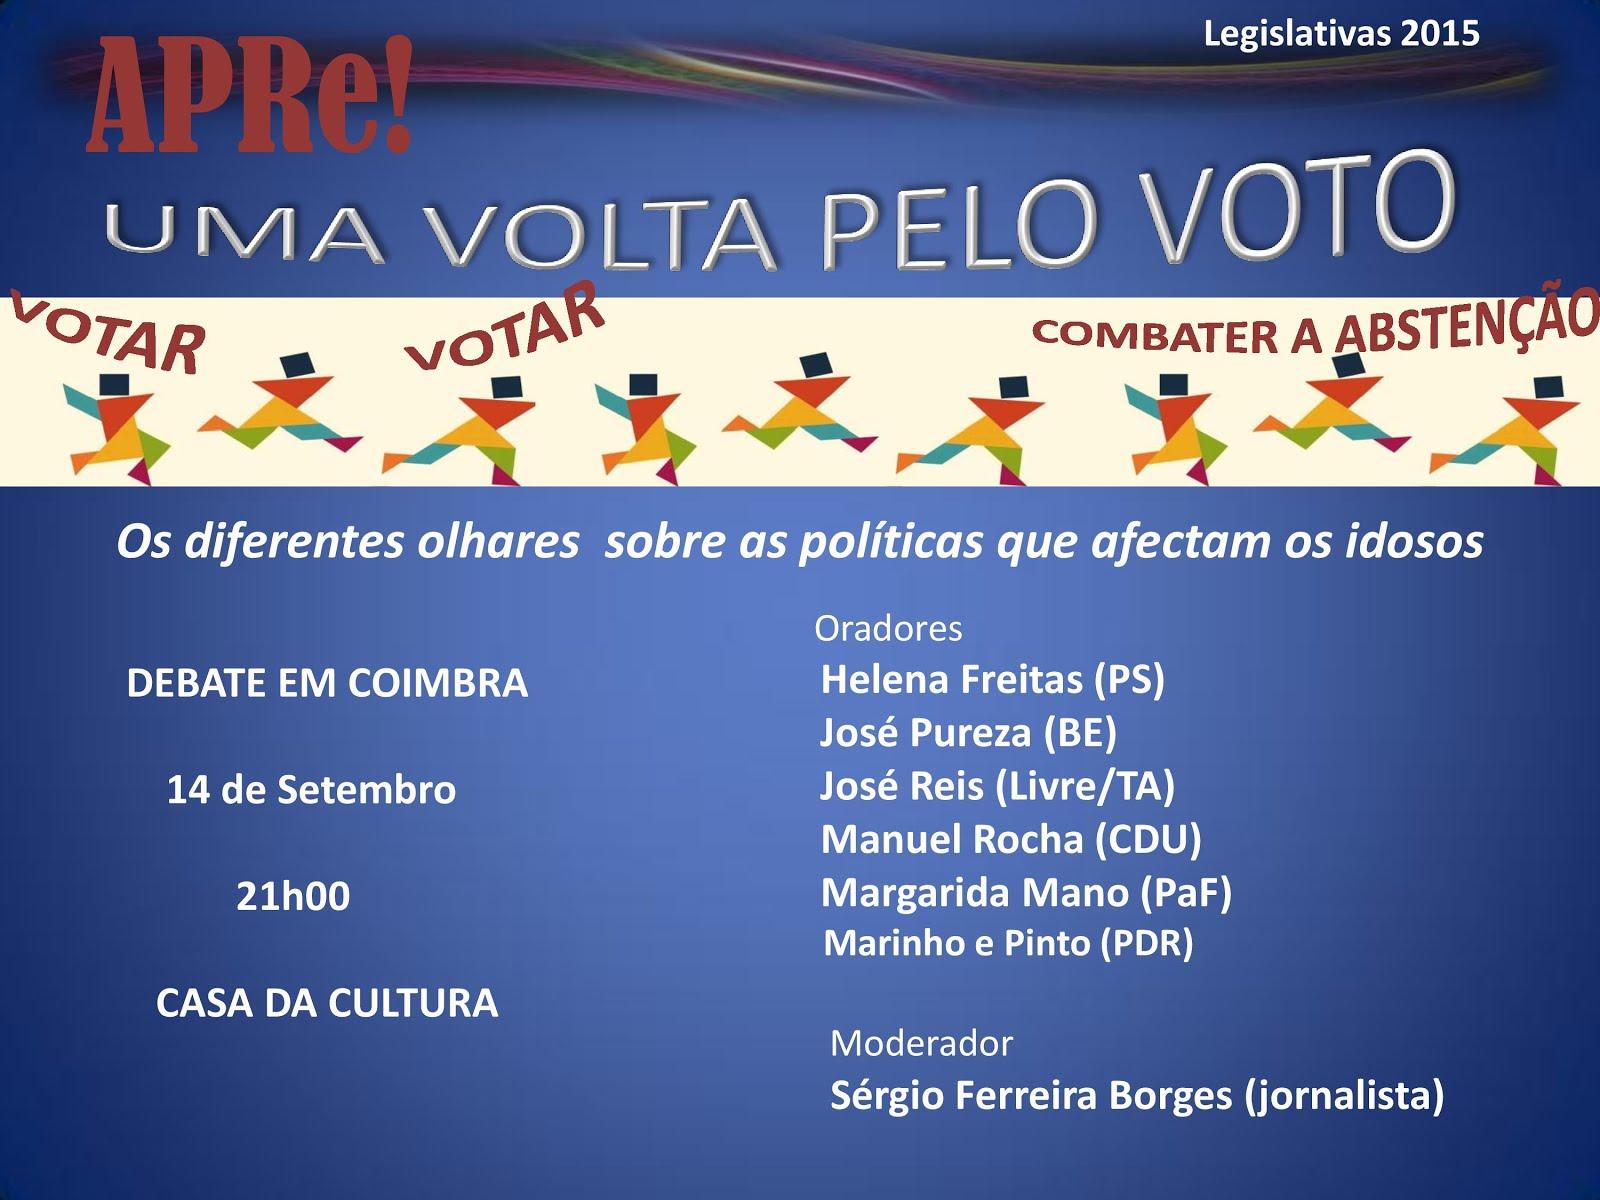 Uma volta pelo VOTO, sessão pública de esclarecimento promovida pela APRe! em Coimbra